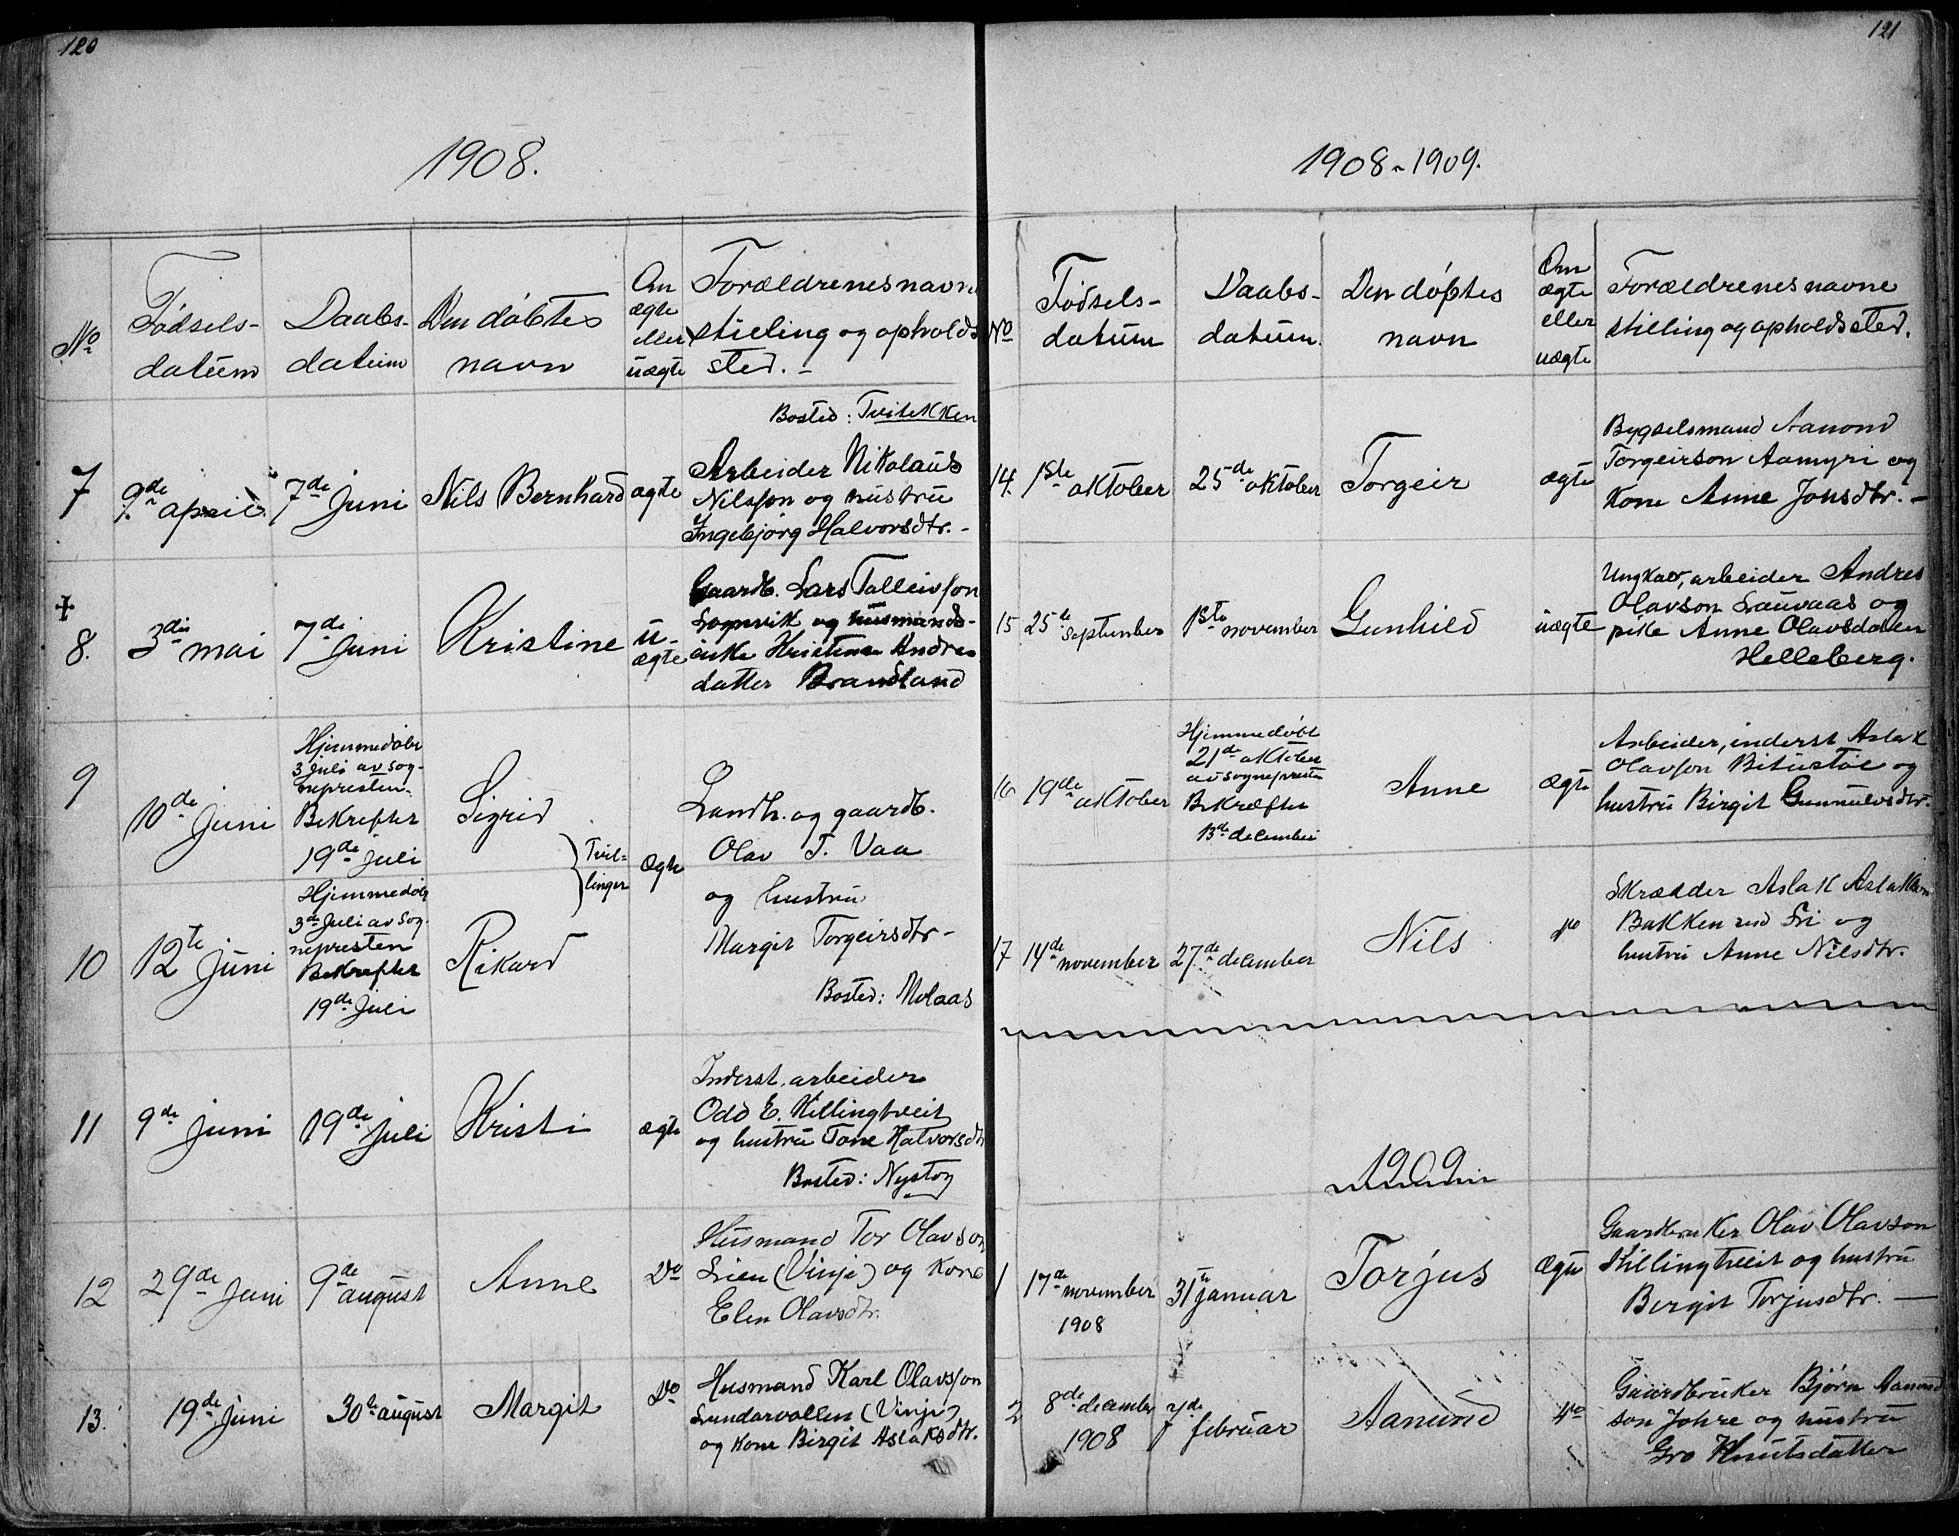 SAKO, Rauland kirkebøker, G/Ga/L0002: Klokkerbok nr. I 2, 1849-1935, s. 120-121